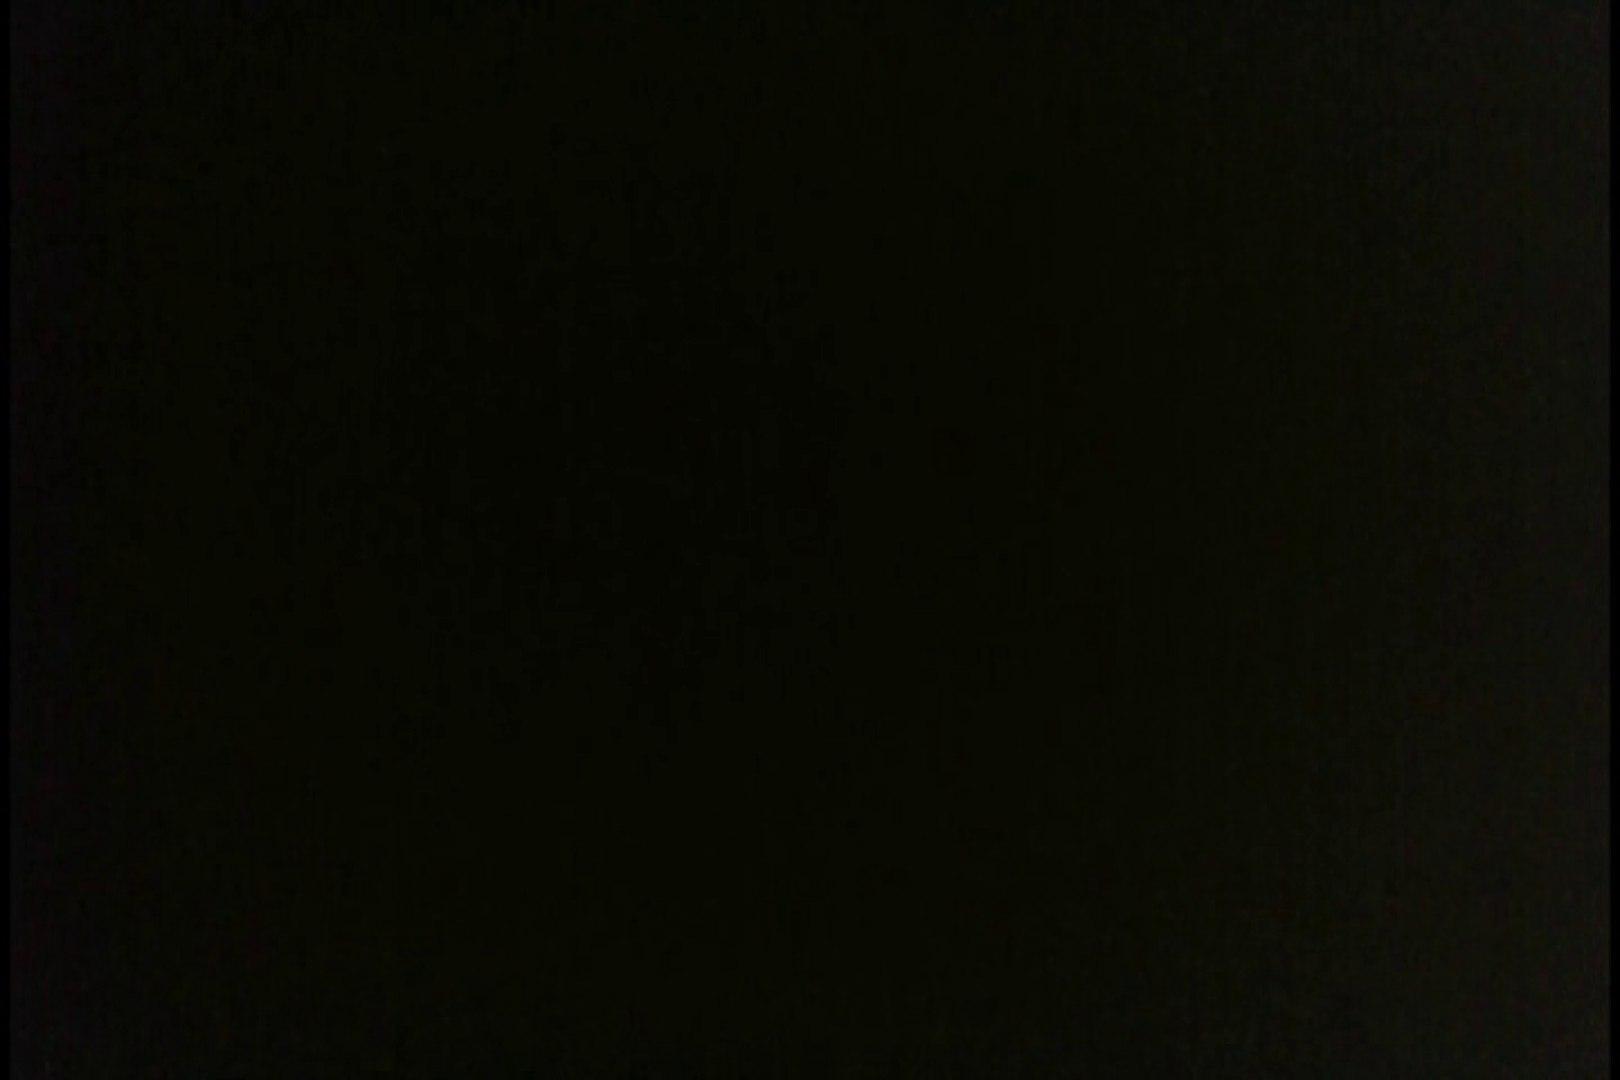 投稿!山下さんの闘病日記 消毒ナース! vol.06 投稿   Hなナース  94pic 26